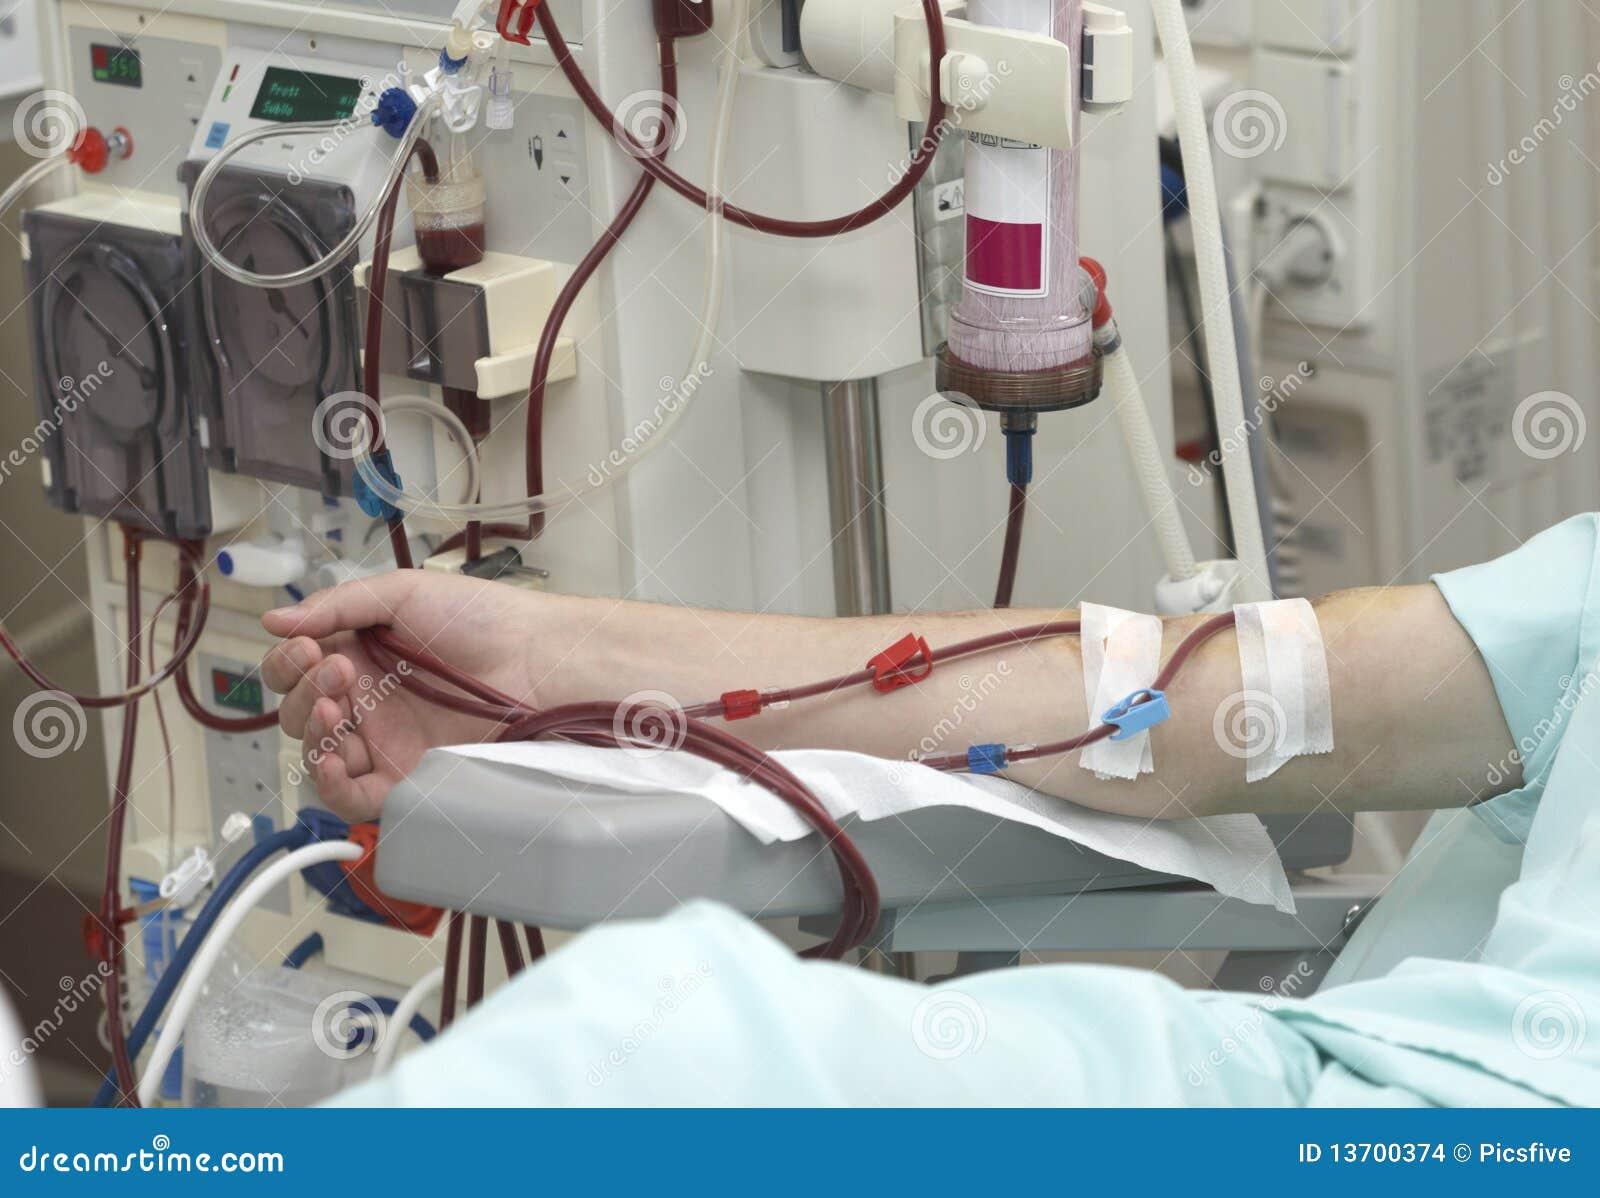 透析幫助了住院病人會議.圖片